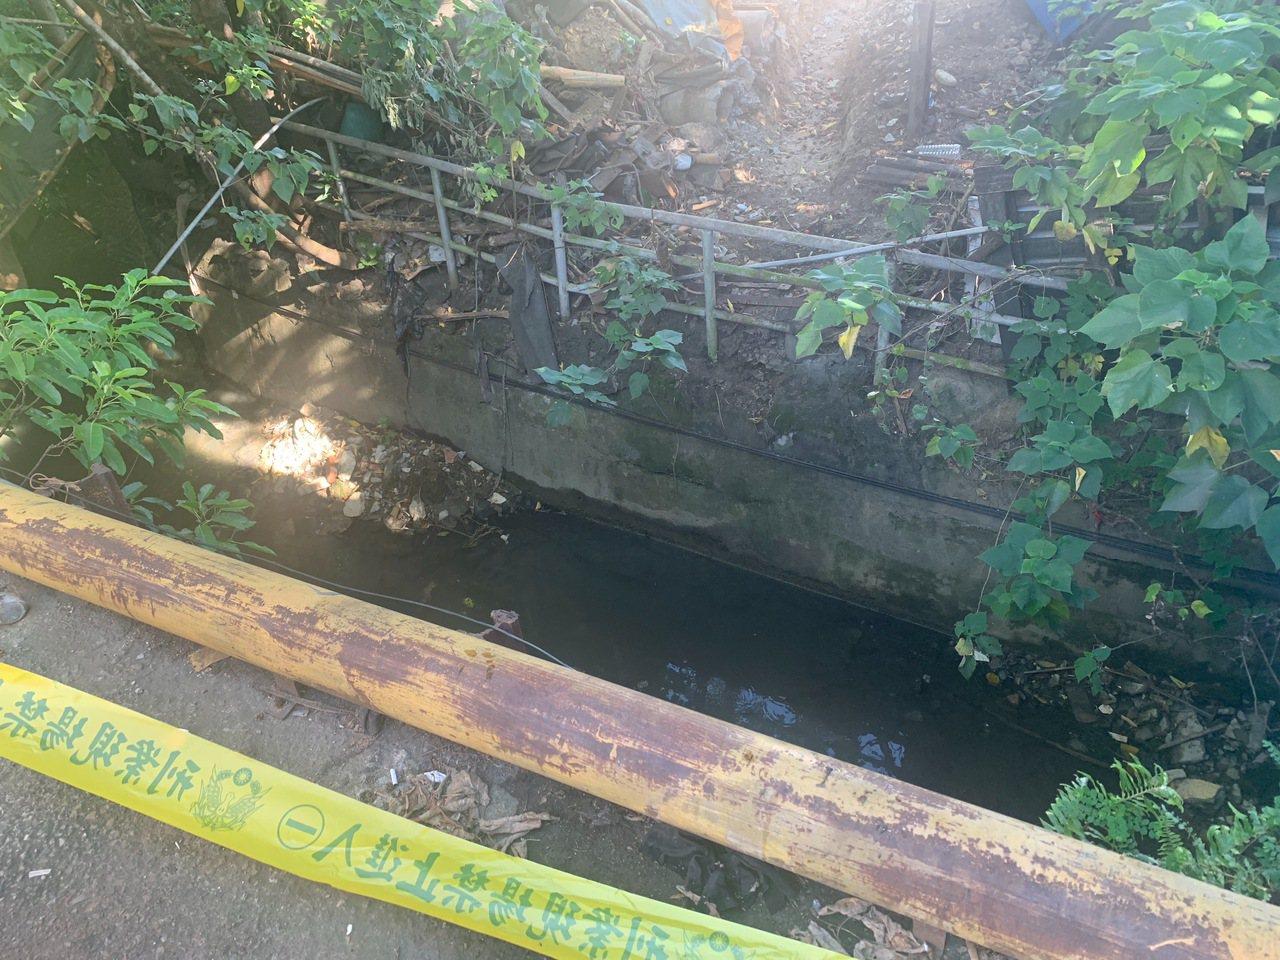 李男在邊坡深約2公尺的排水溝內被尋獲,已經死亡。記者林昭彰/翻攝